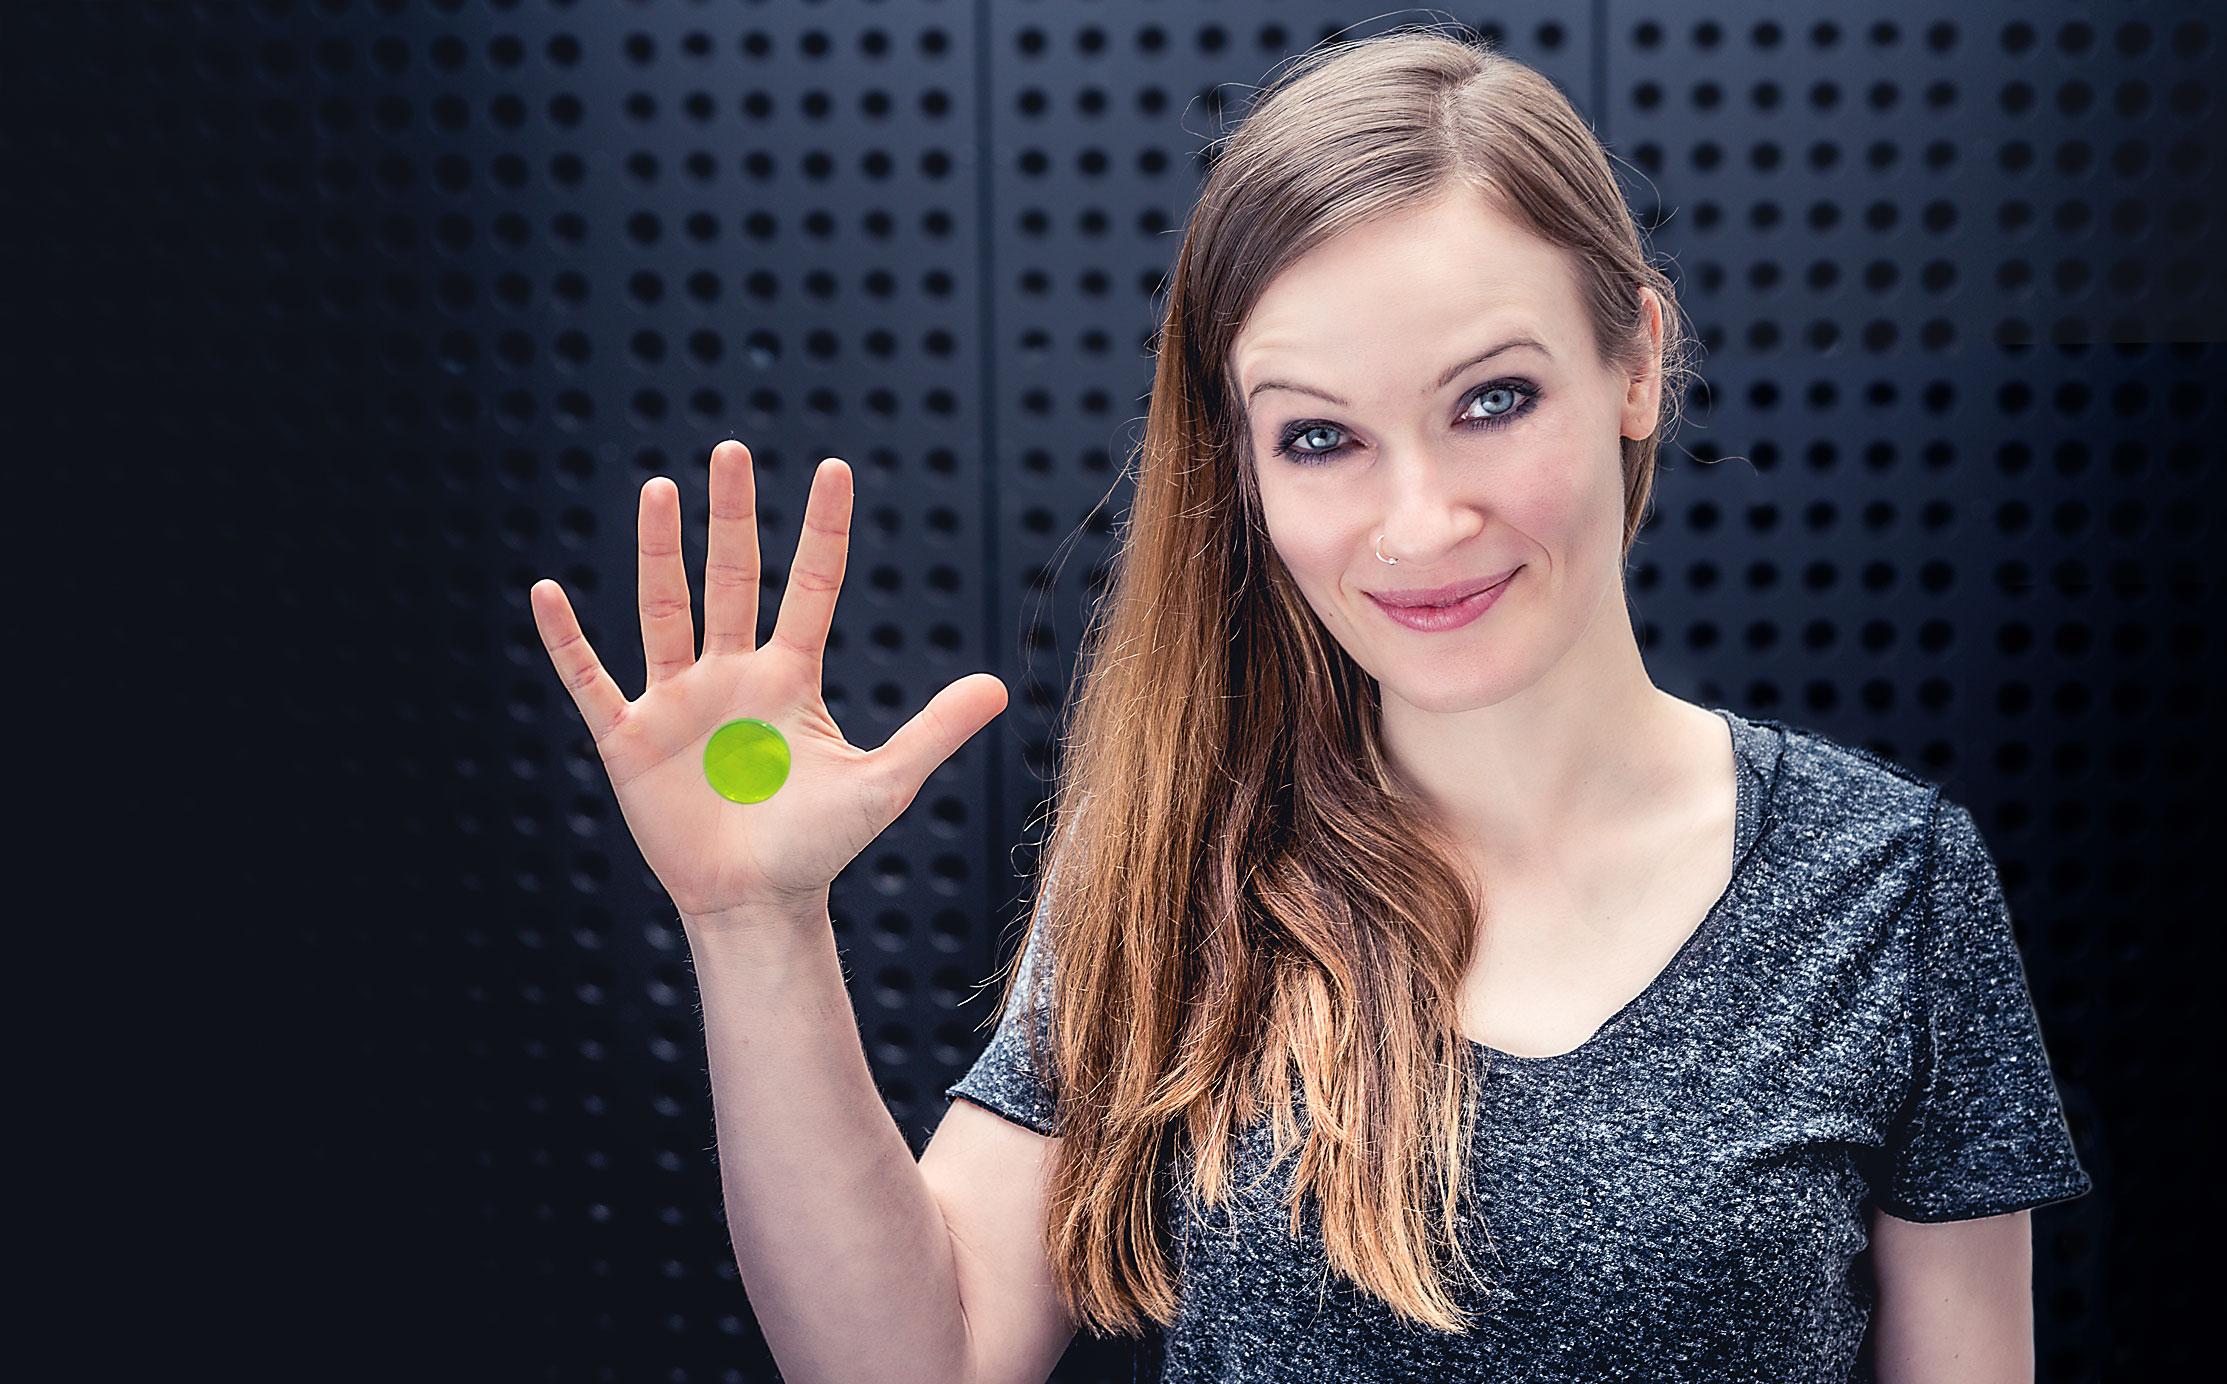 Anika Nilles plays SlapKlatz